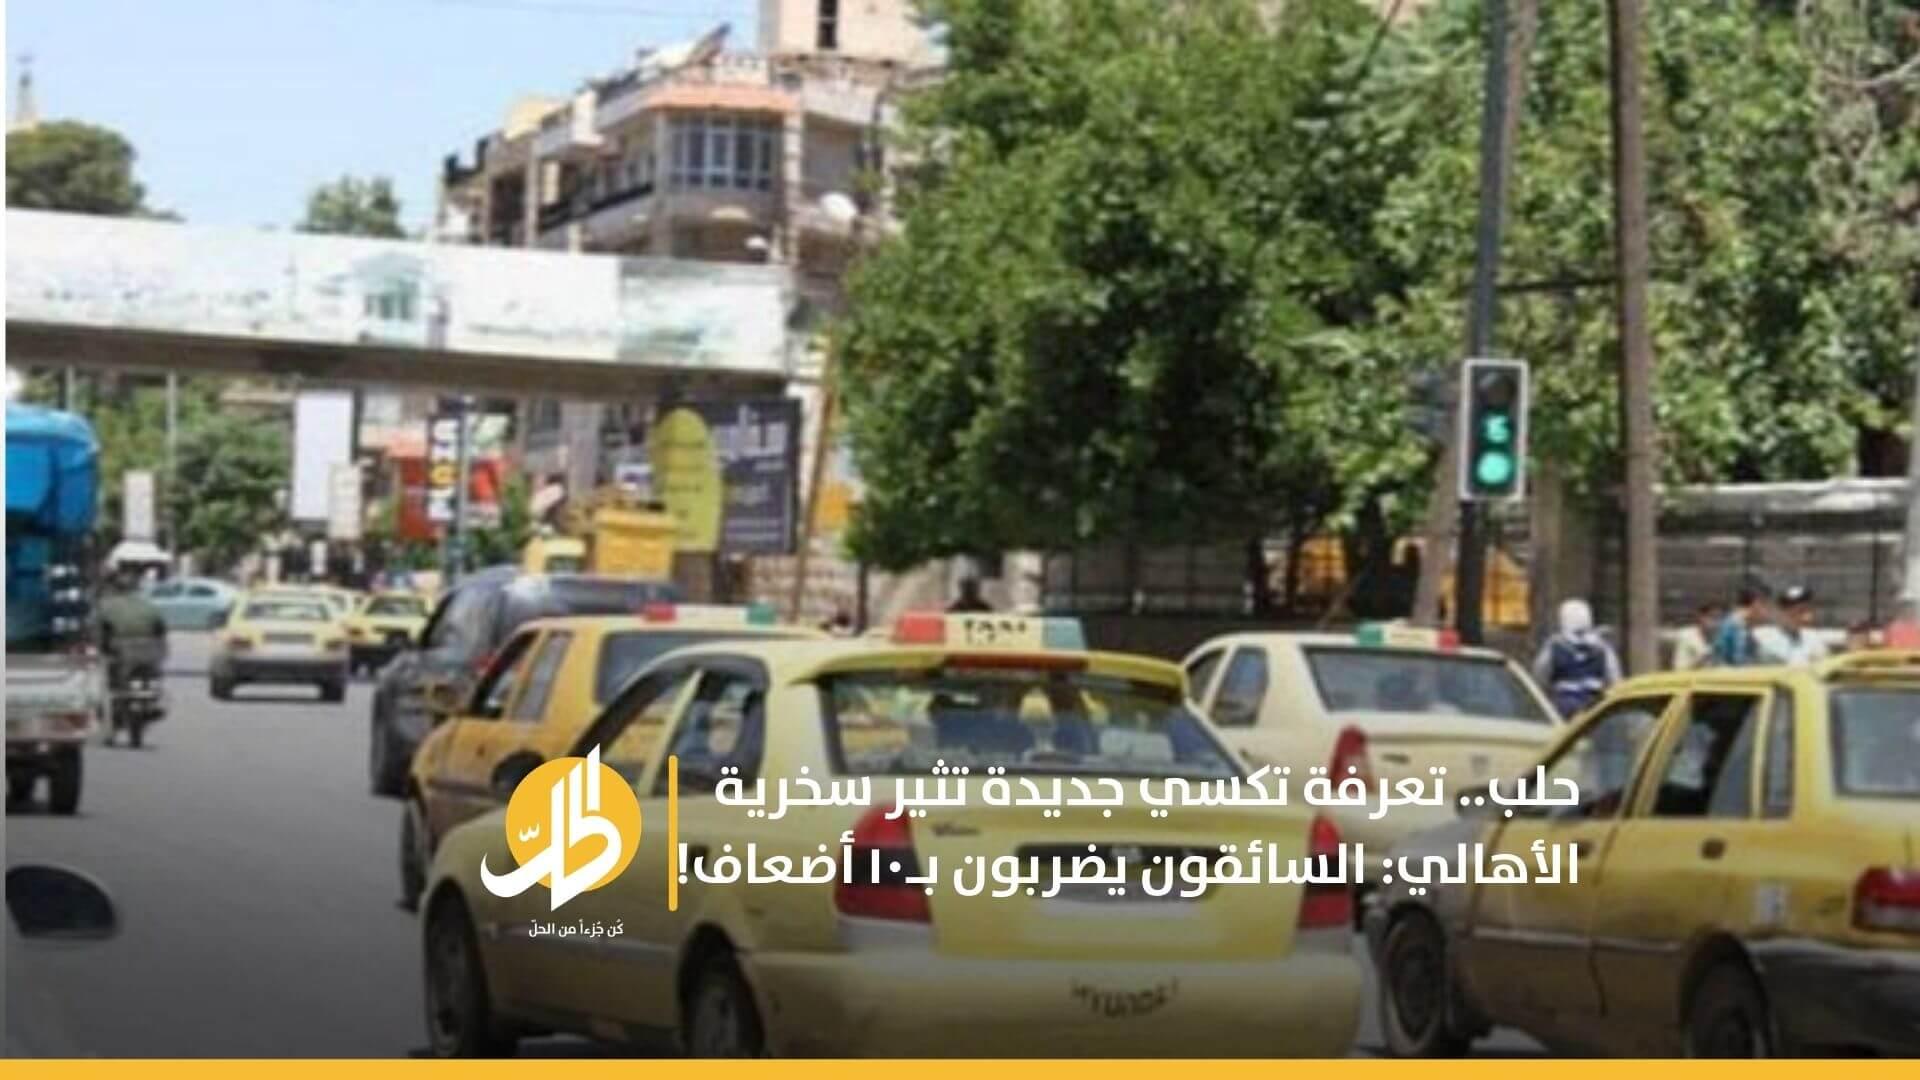 حلب.. تعرفة تكسي جديدة تثير سخرية الأهالي: السائقون يضربون بـ١٠ أضعاف!